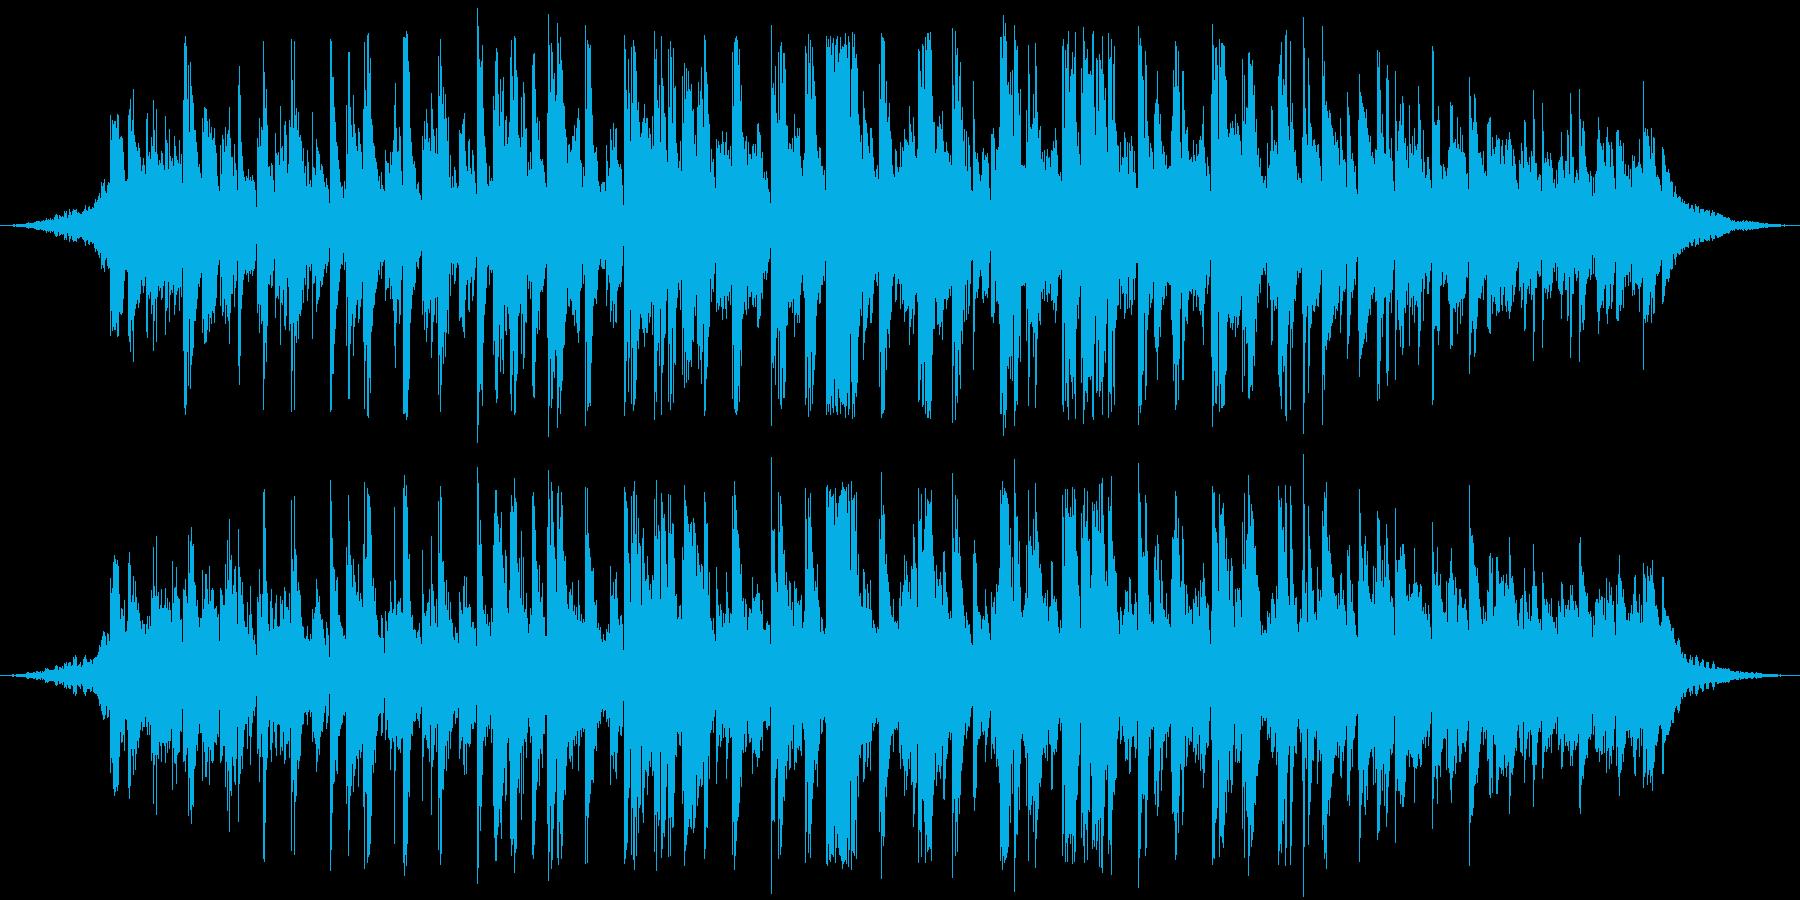 夏の夕暮れをイメージして作曲しました。の再生済みの波形